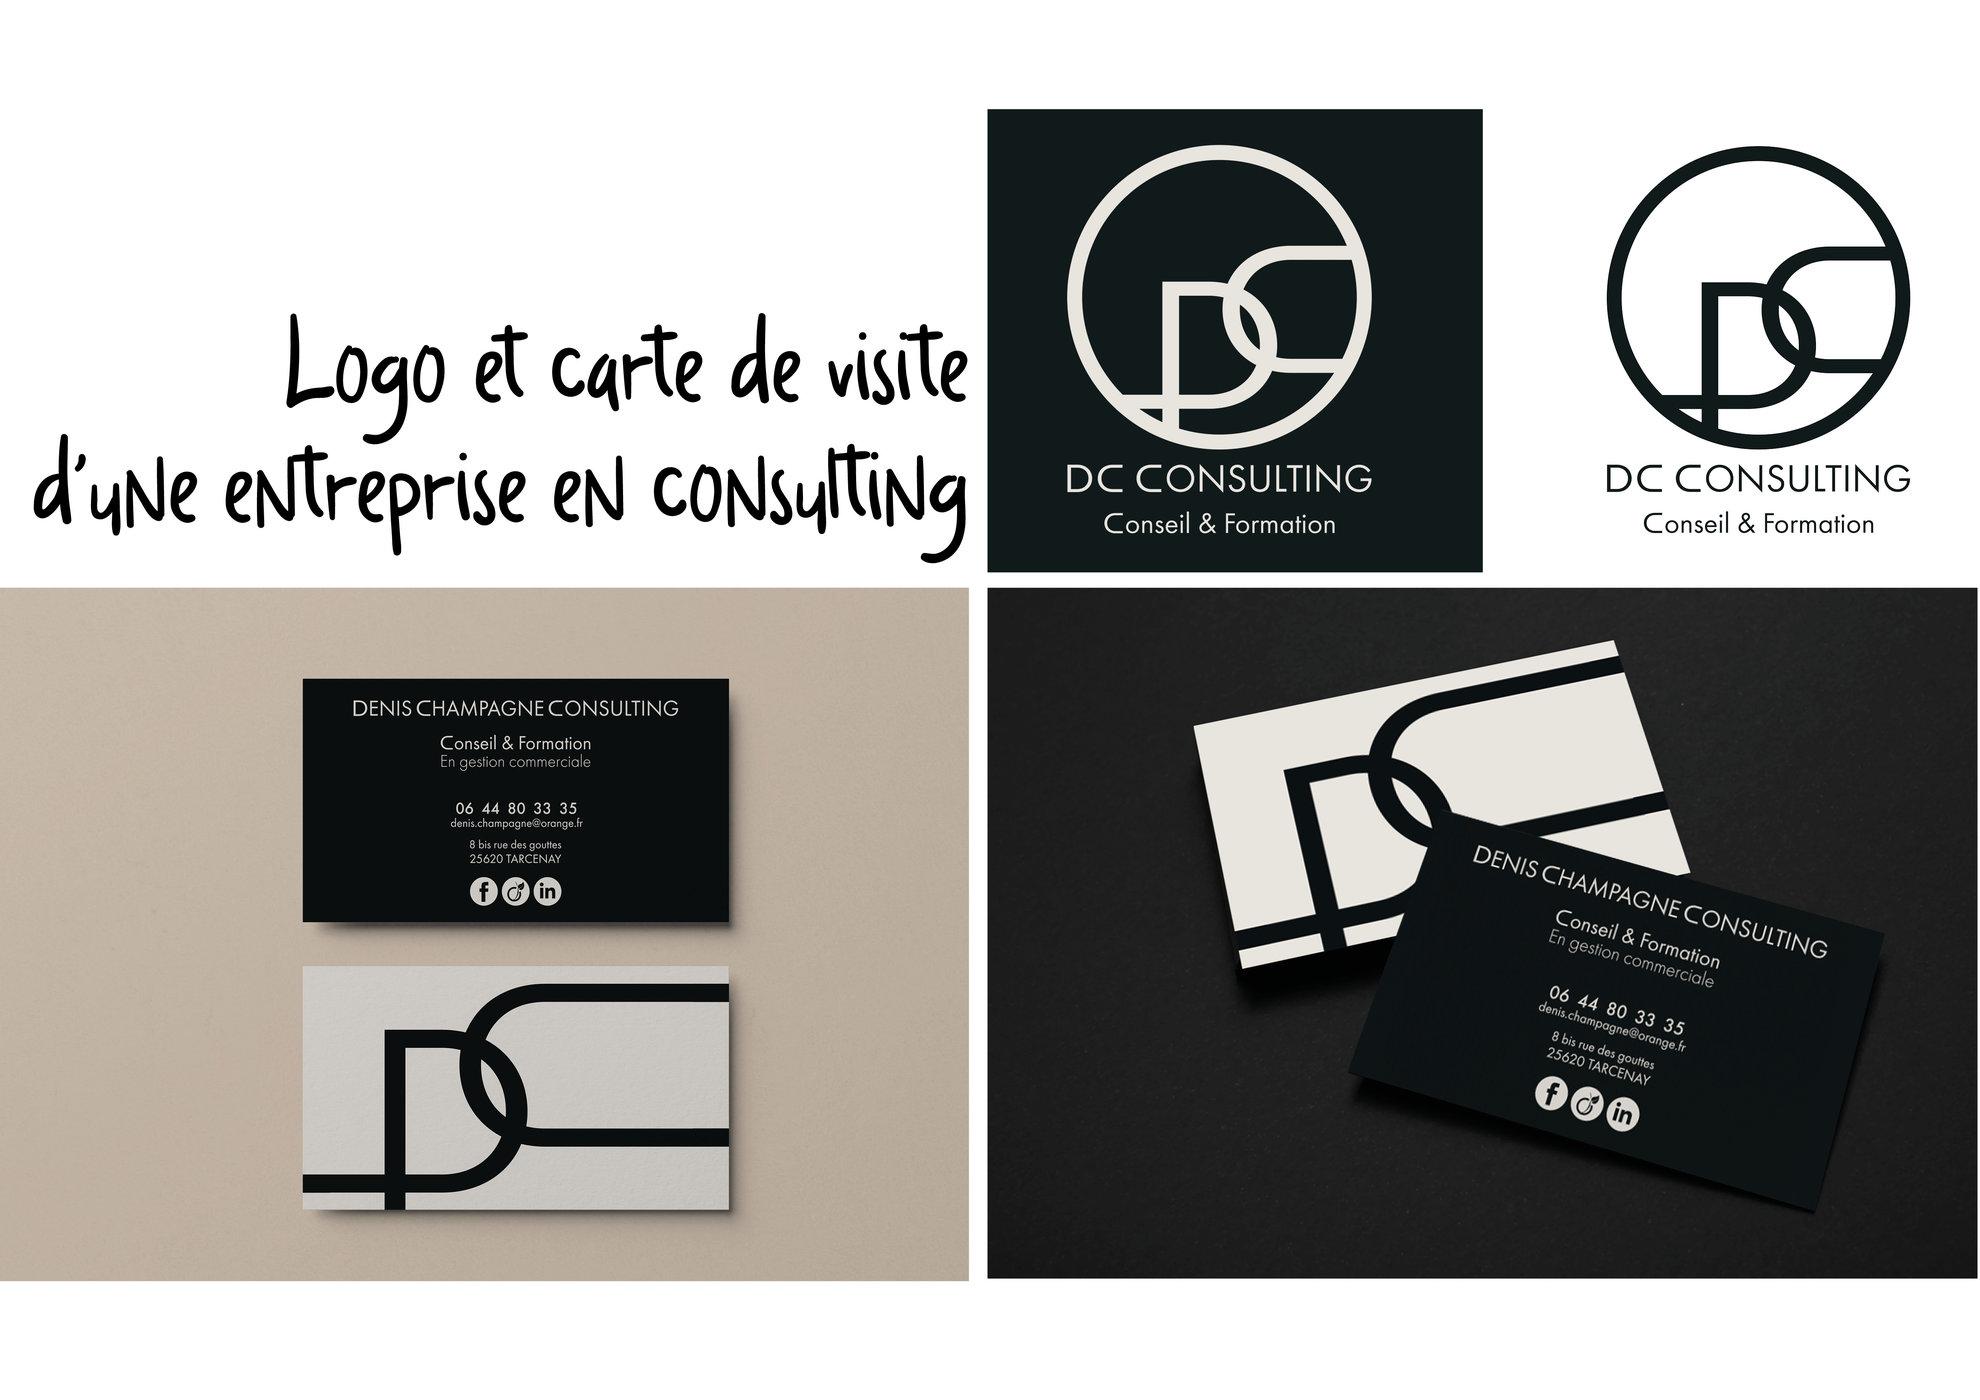 Création d'un logo et d'une carte de visite pour une entreprise de formation